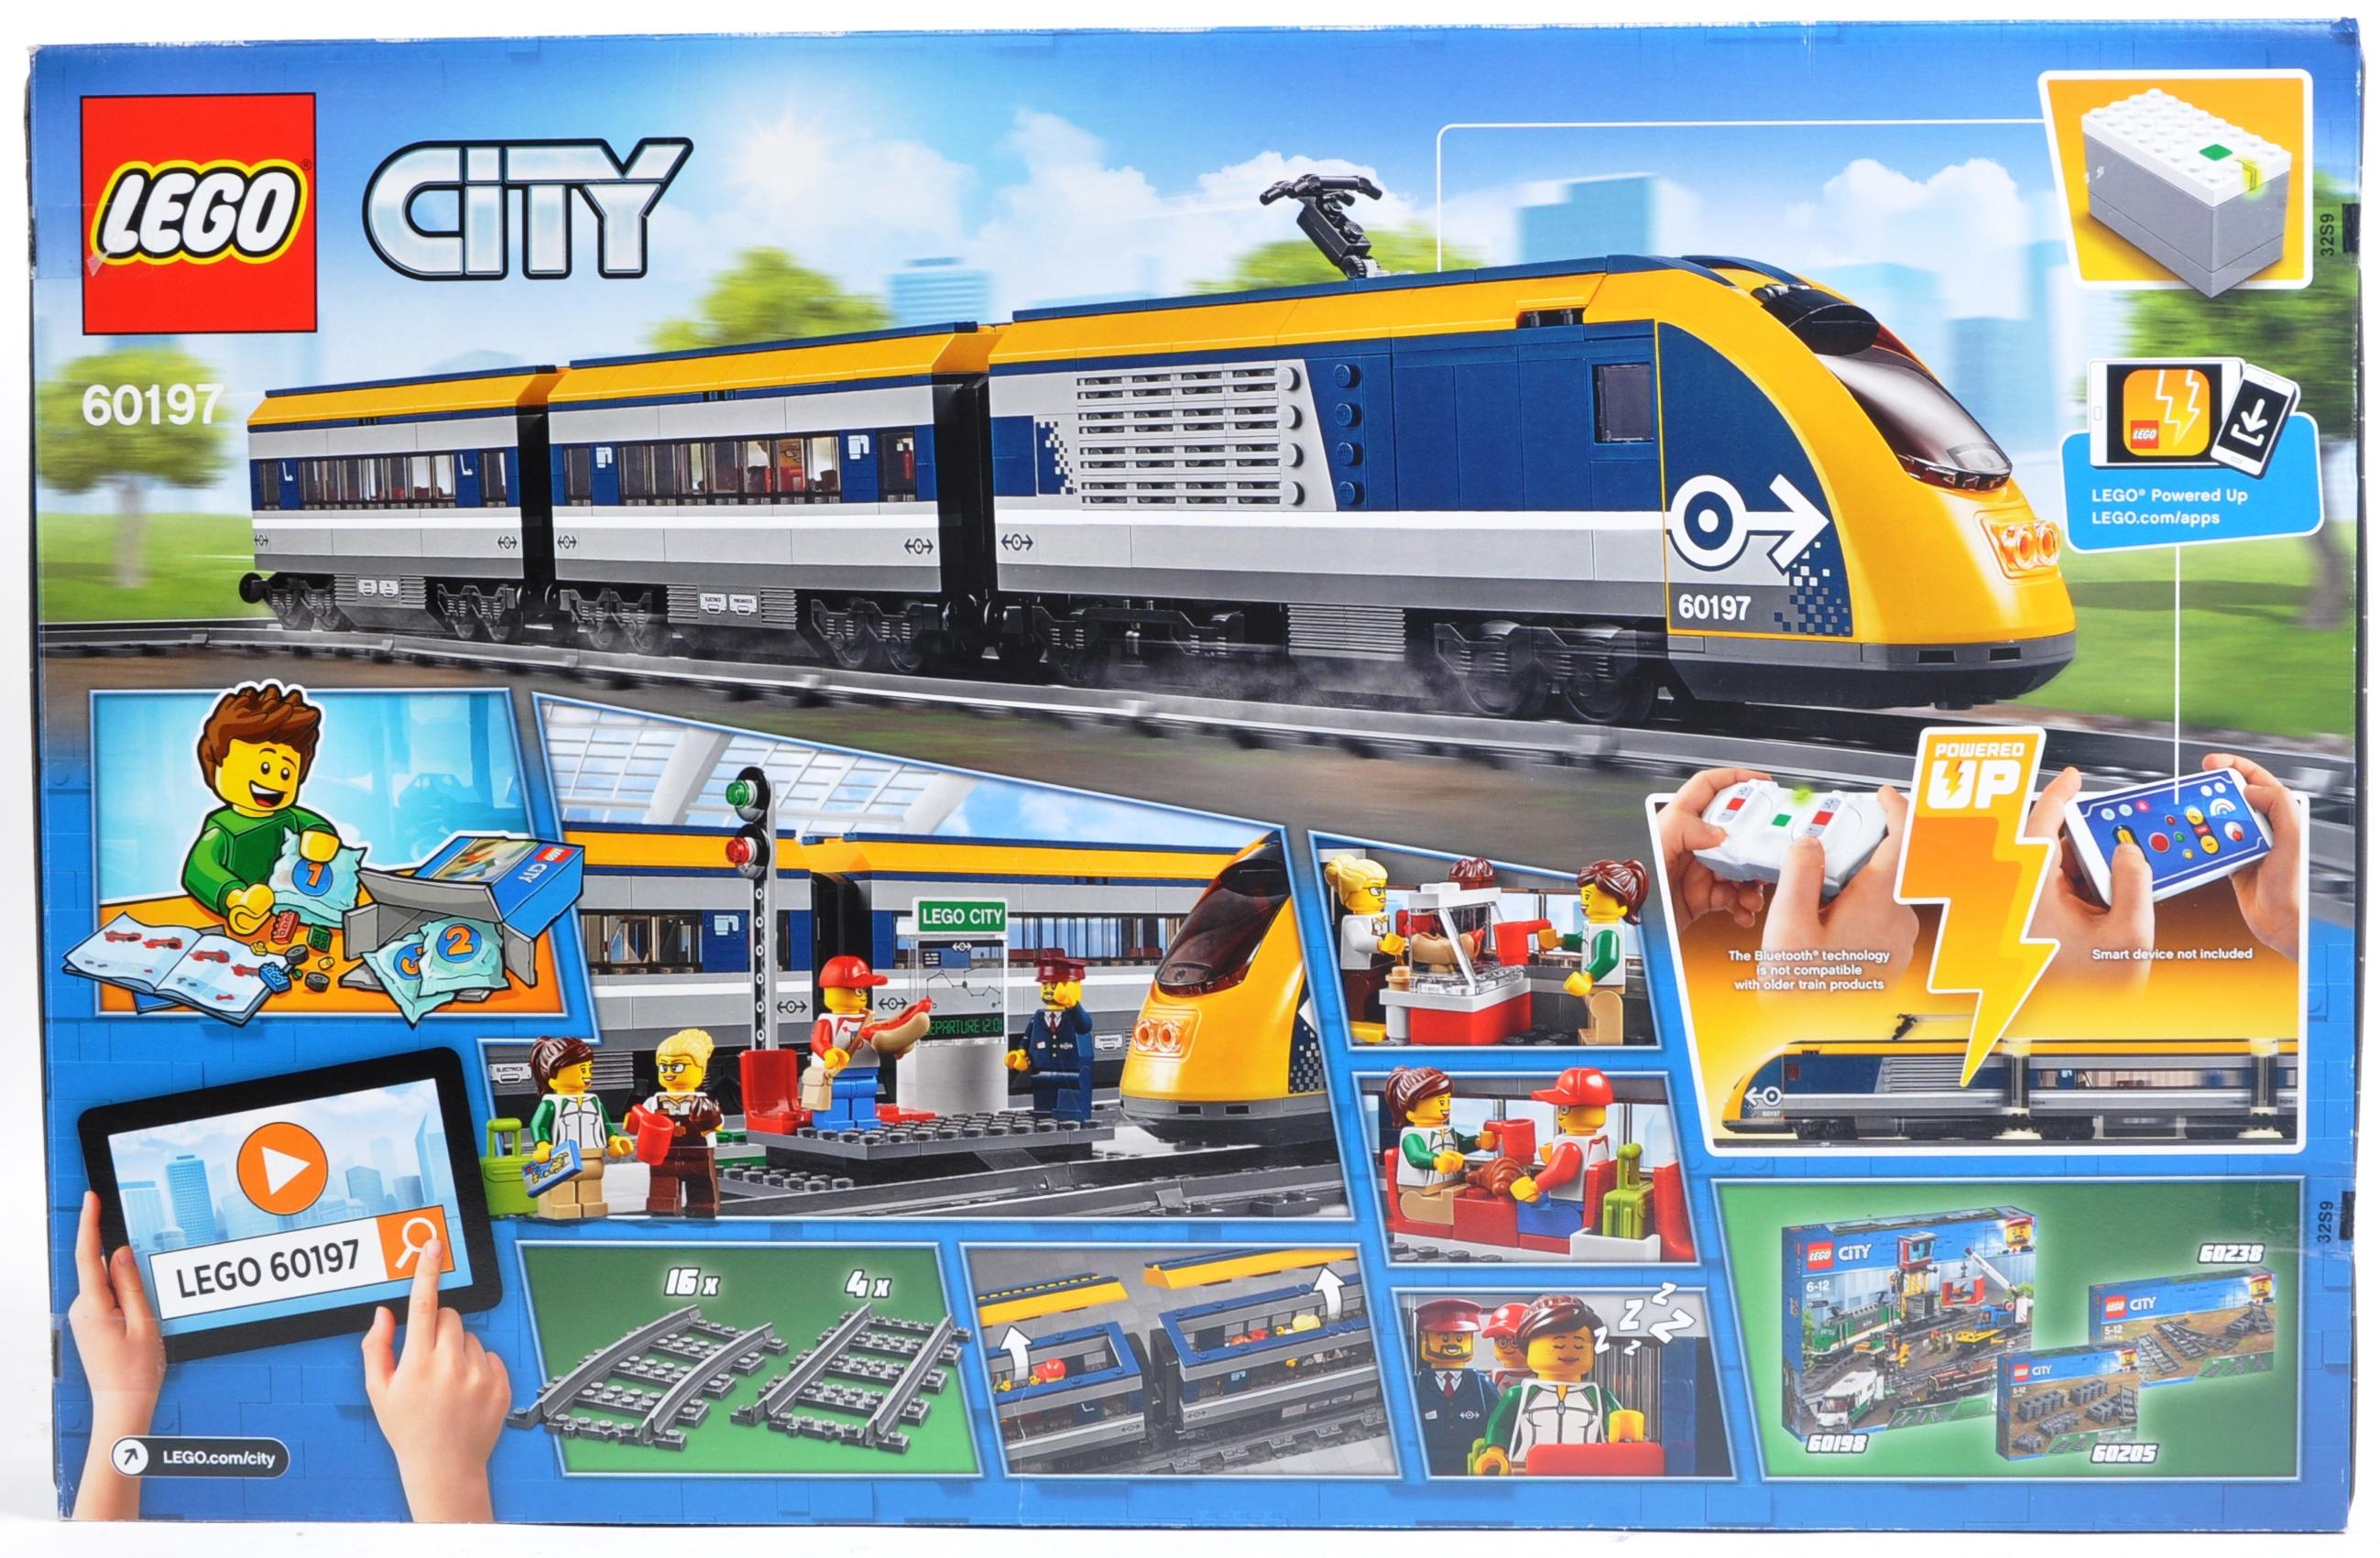 LEGO SET - LEGO CITY - 60197 - PASSENGER TRAIN - Image 2 of 4